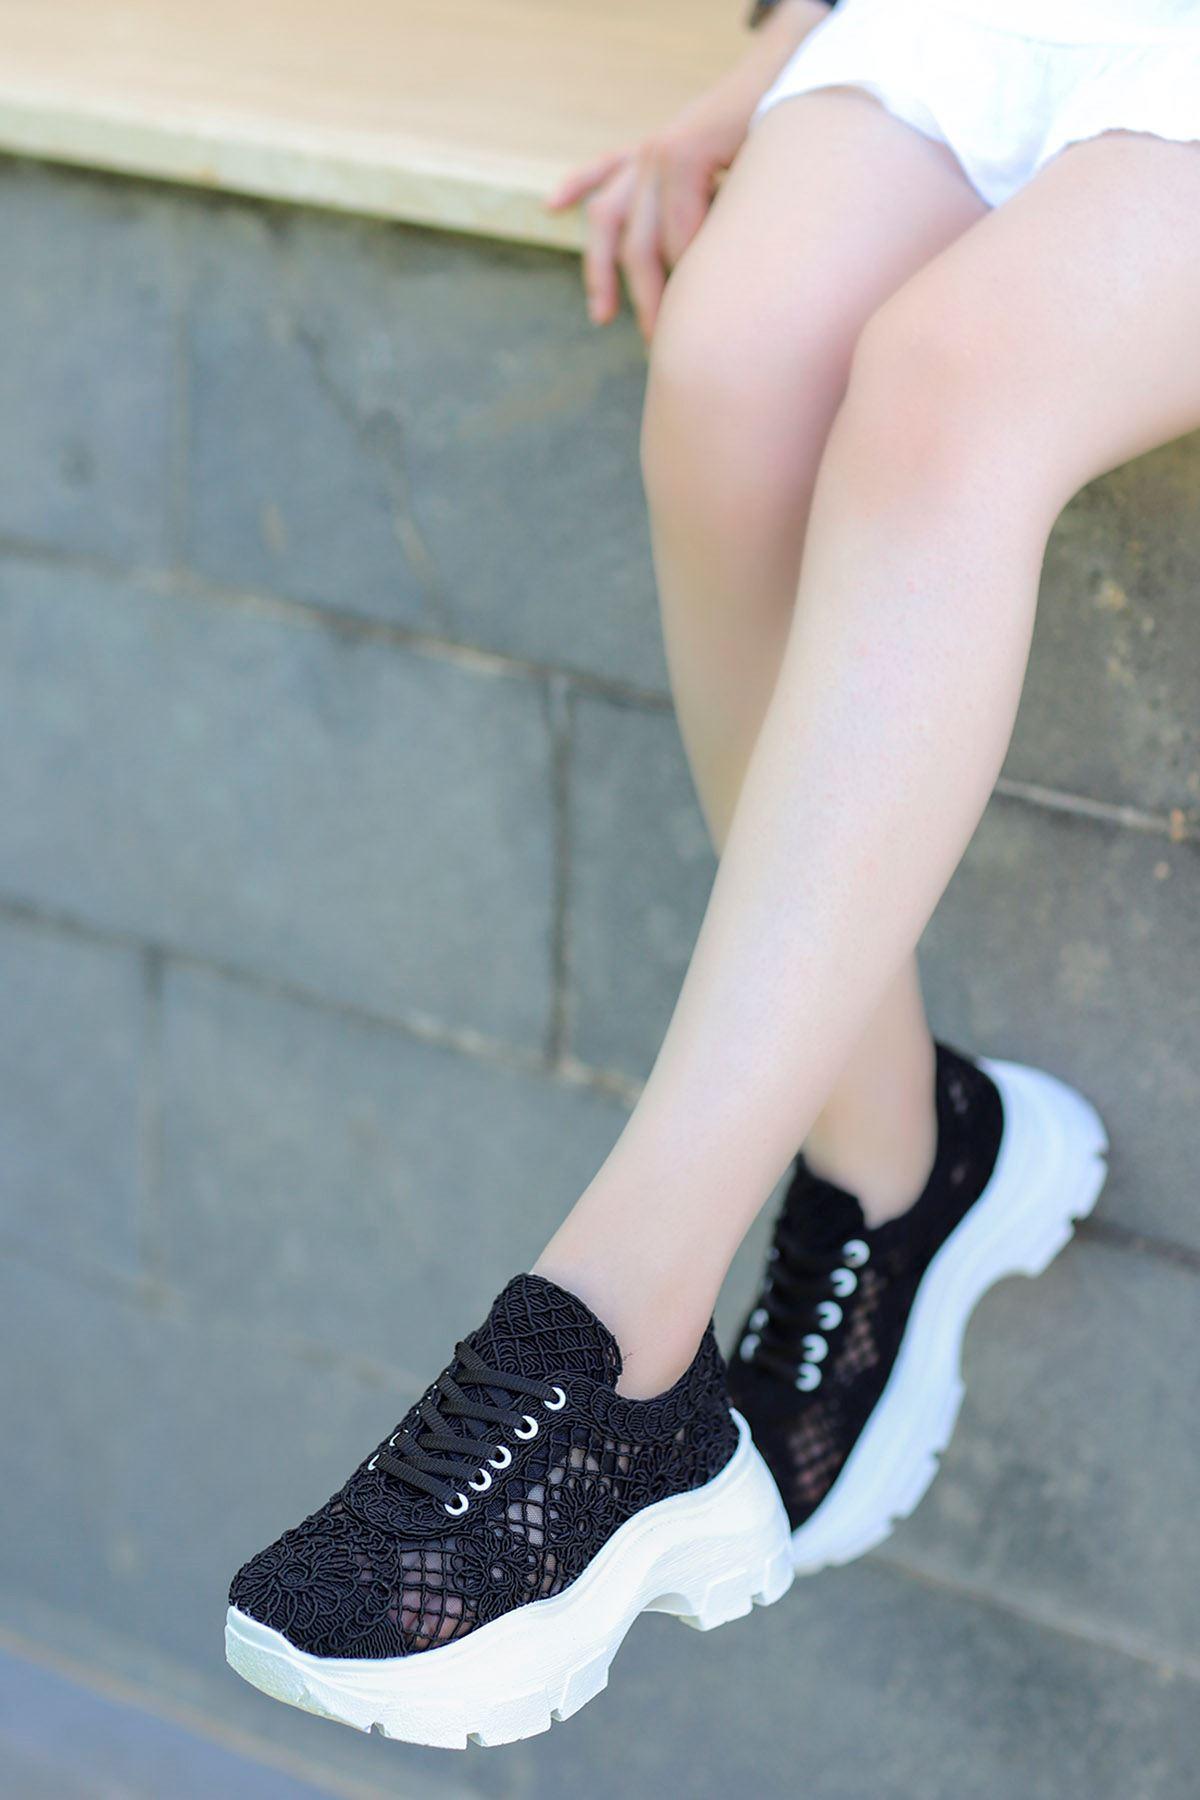 Rayne Dantel Örgü Spor Ayakkabı Siyah